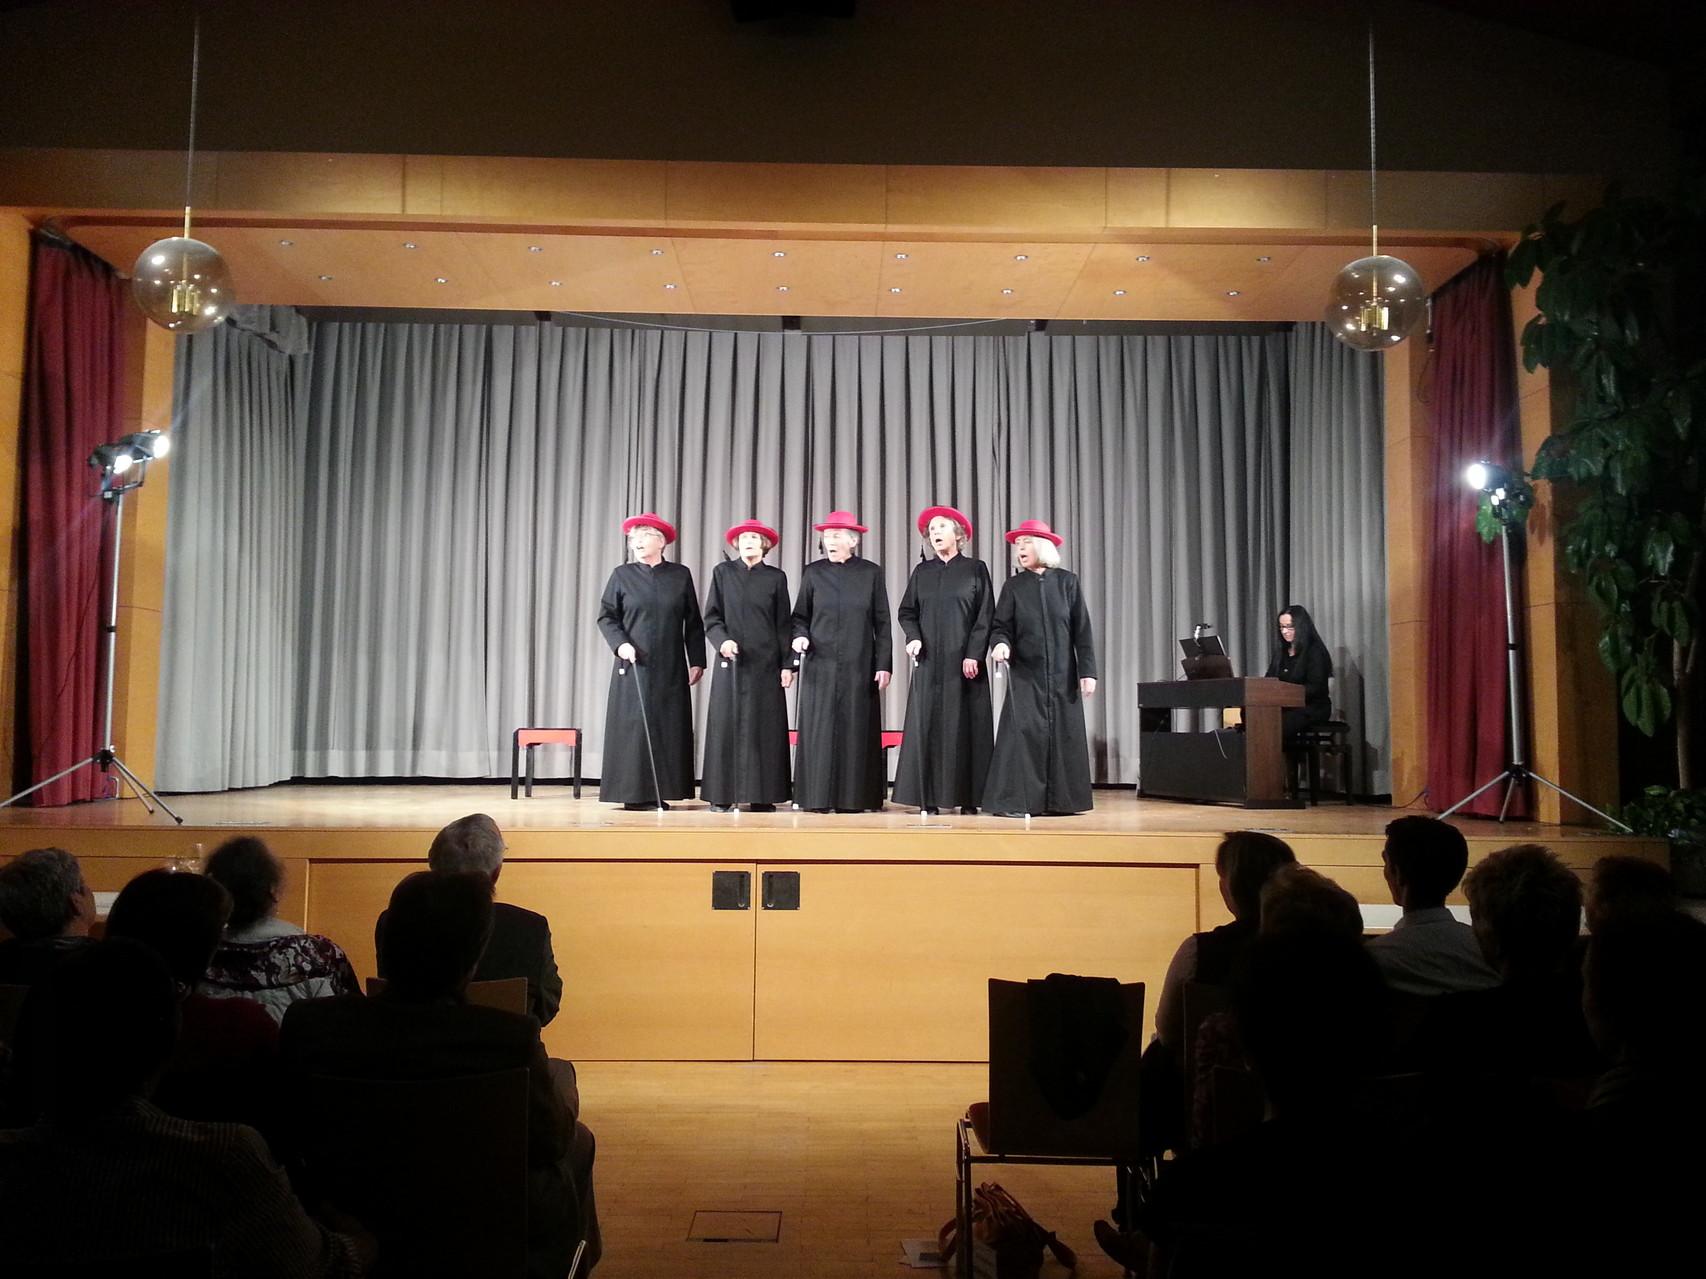 23.4.2013 - Kirchenfrauen-Kabarett